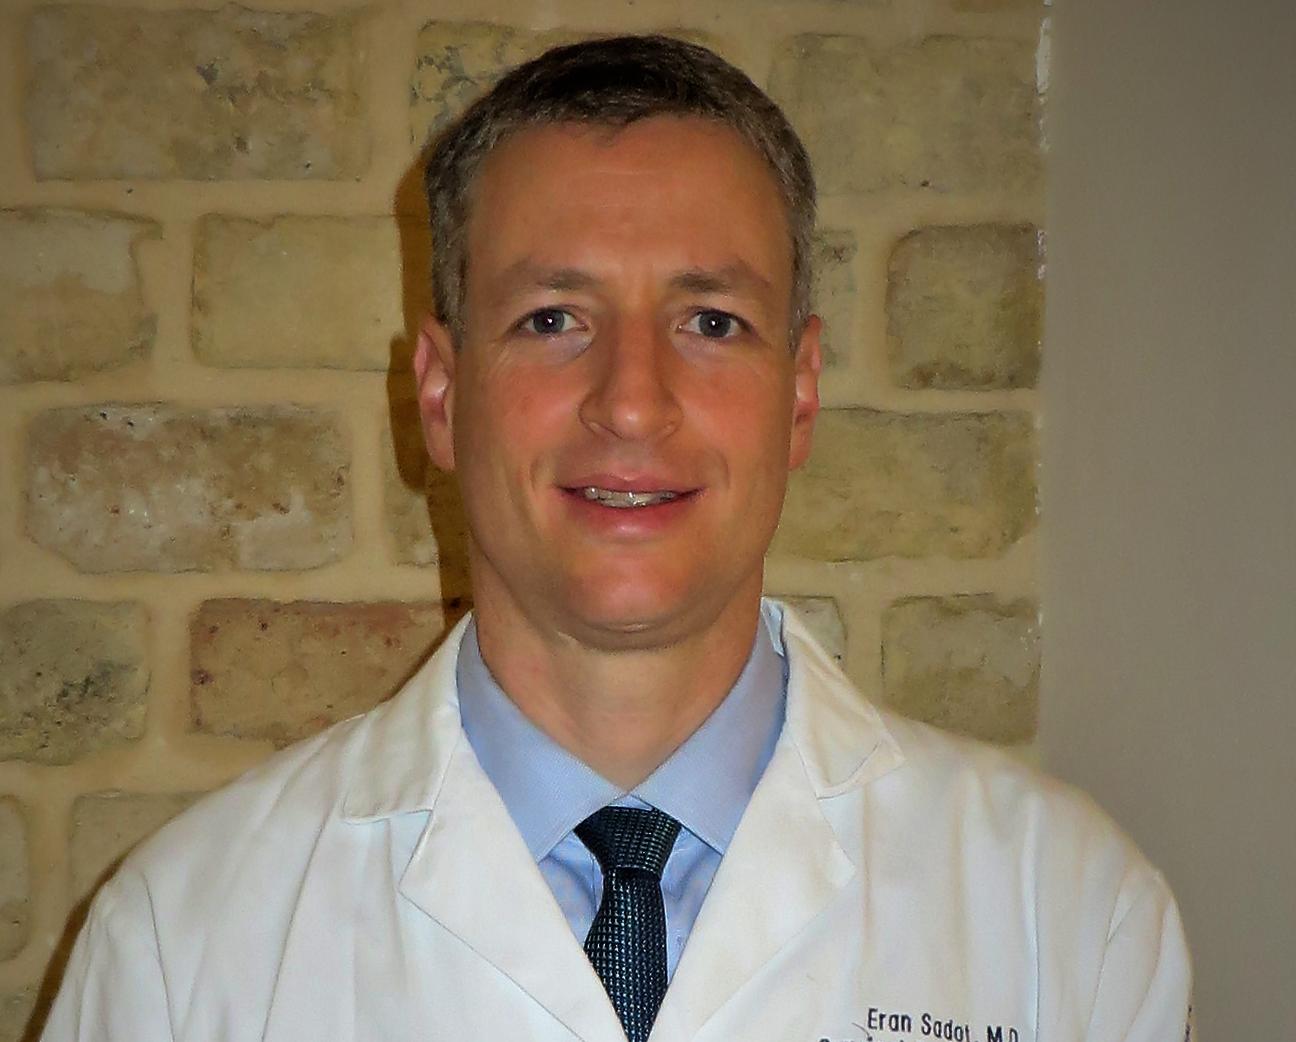 באינדקס רופאים פרופ. ערן שדות מומחה בכירורגיה כללית | אינדקס הרופאים של ישראל